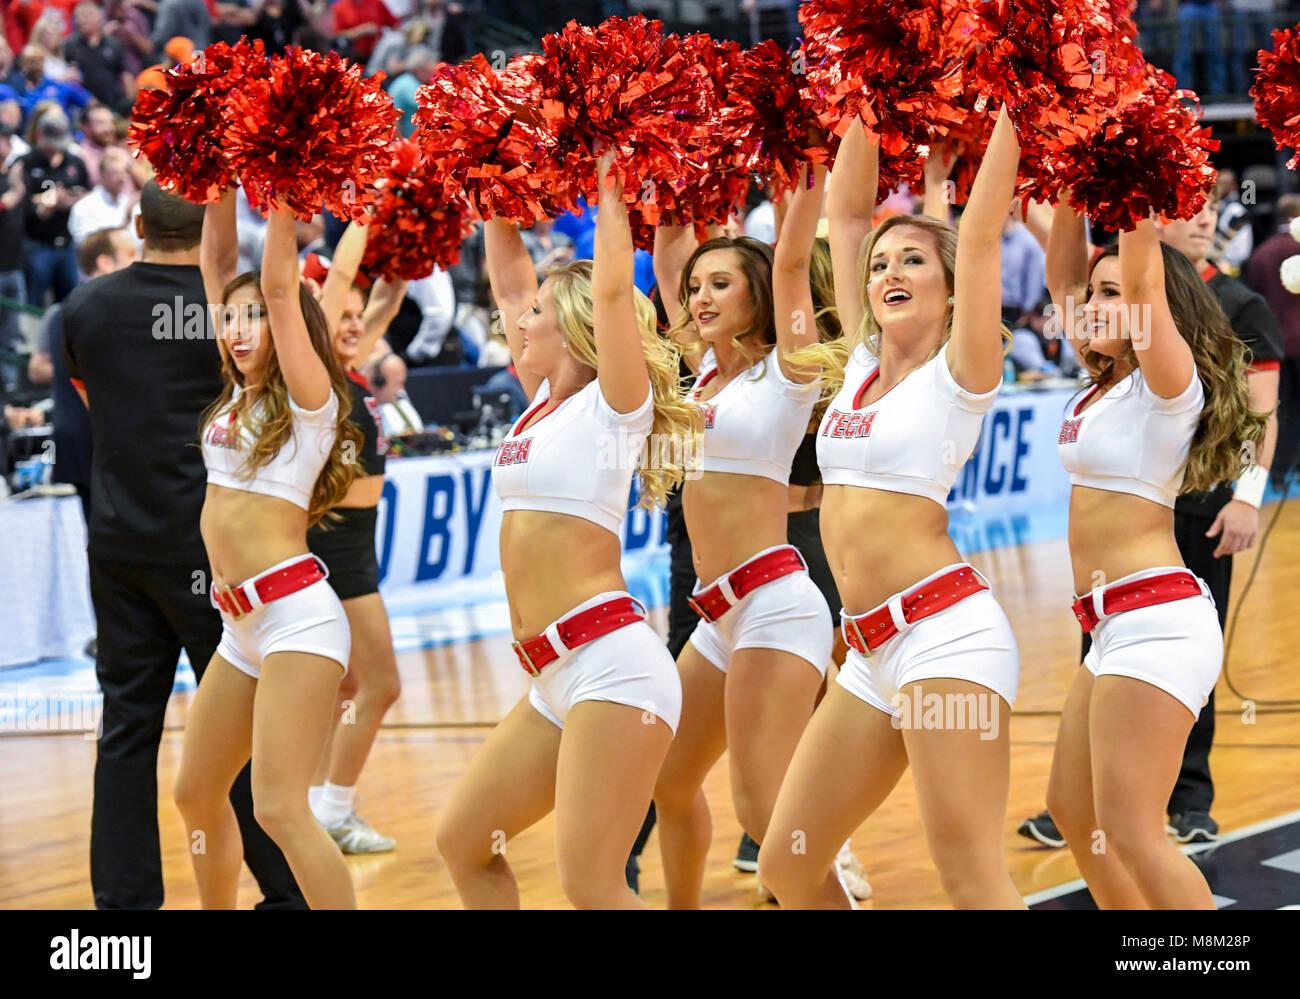 Cheerleaders basketball hot college 21 Cheerleaders